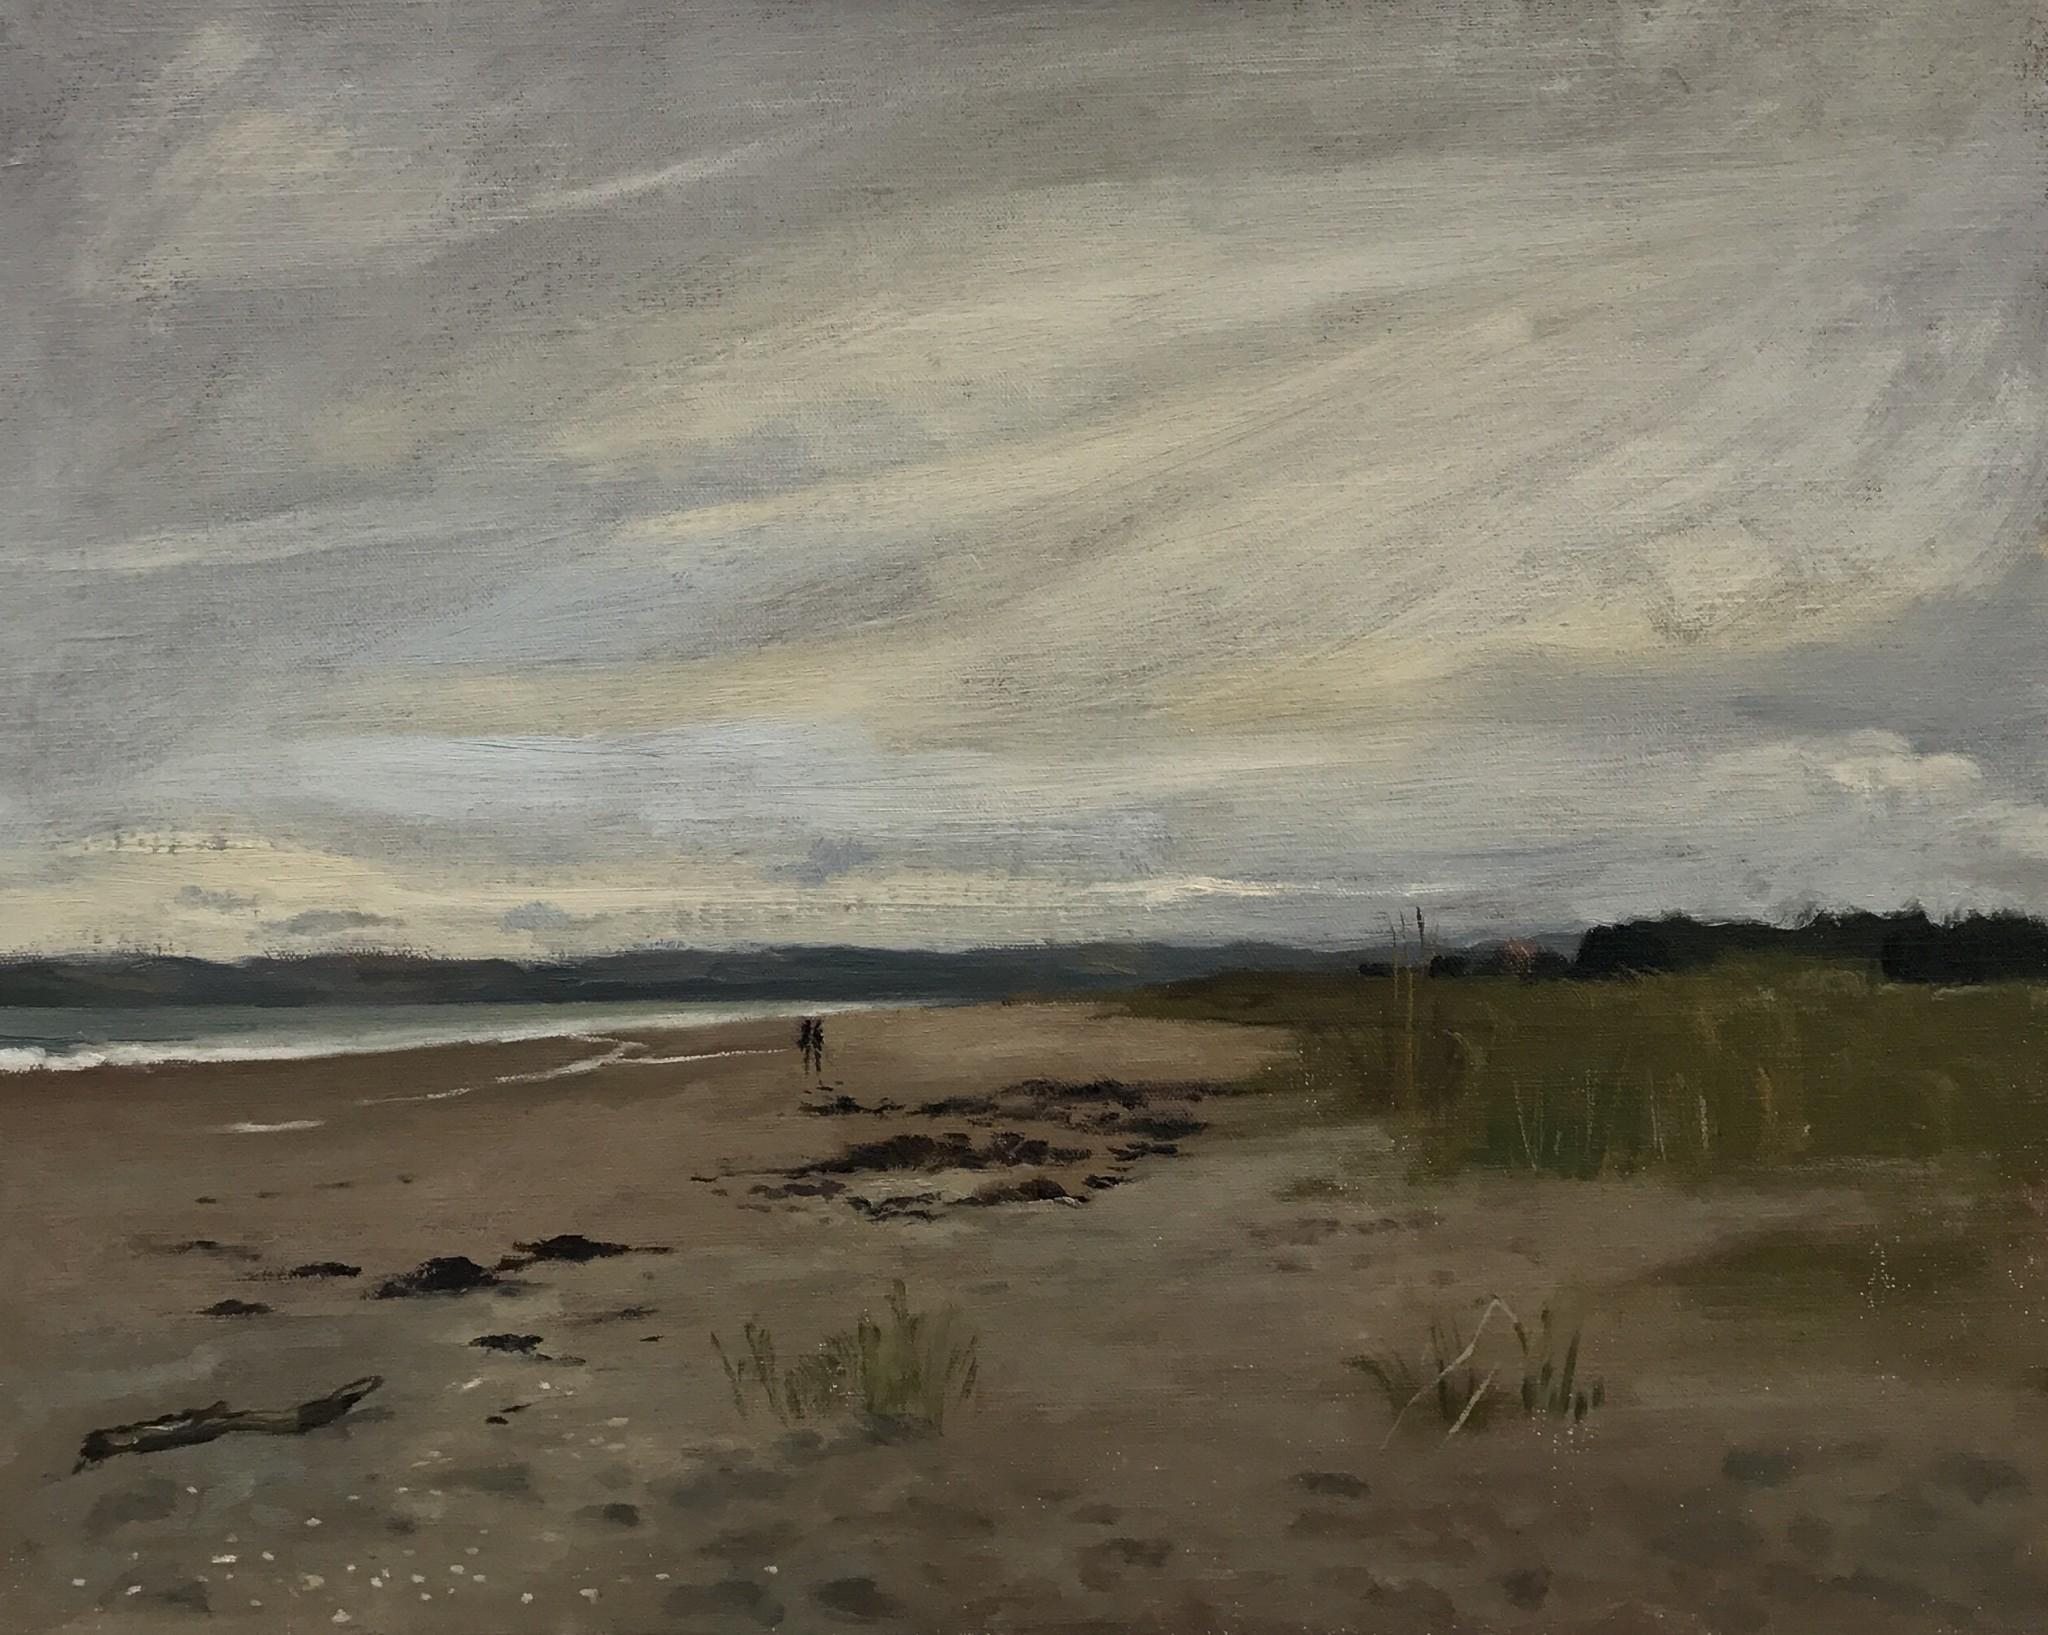 Evening light at Tentsmuir beach